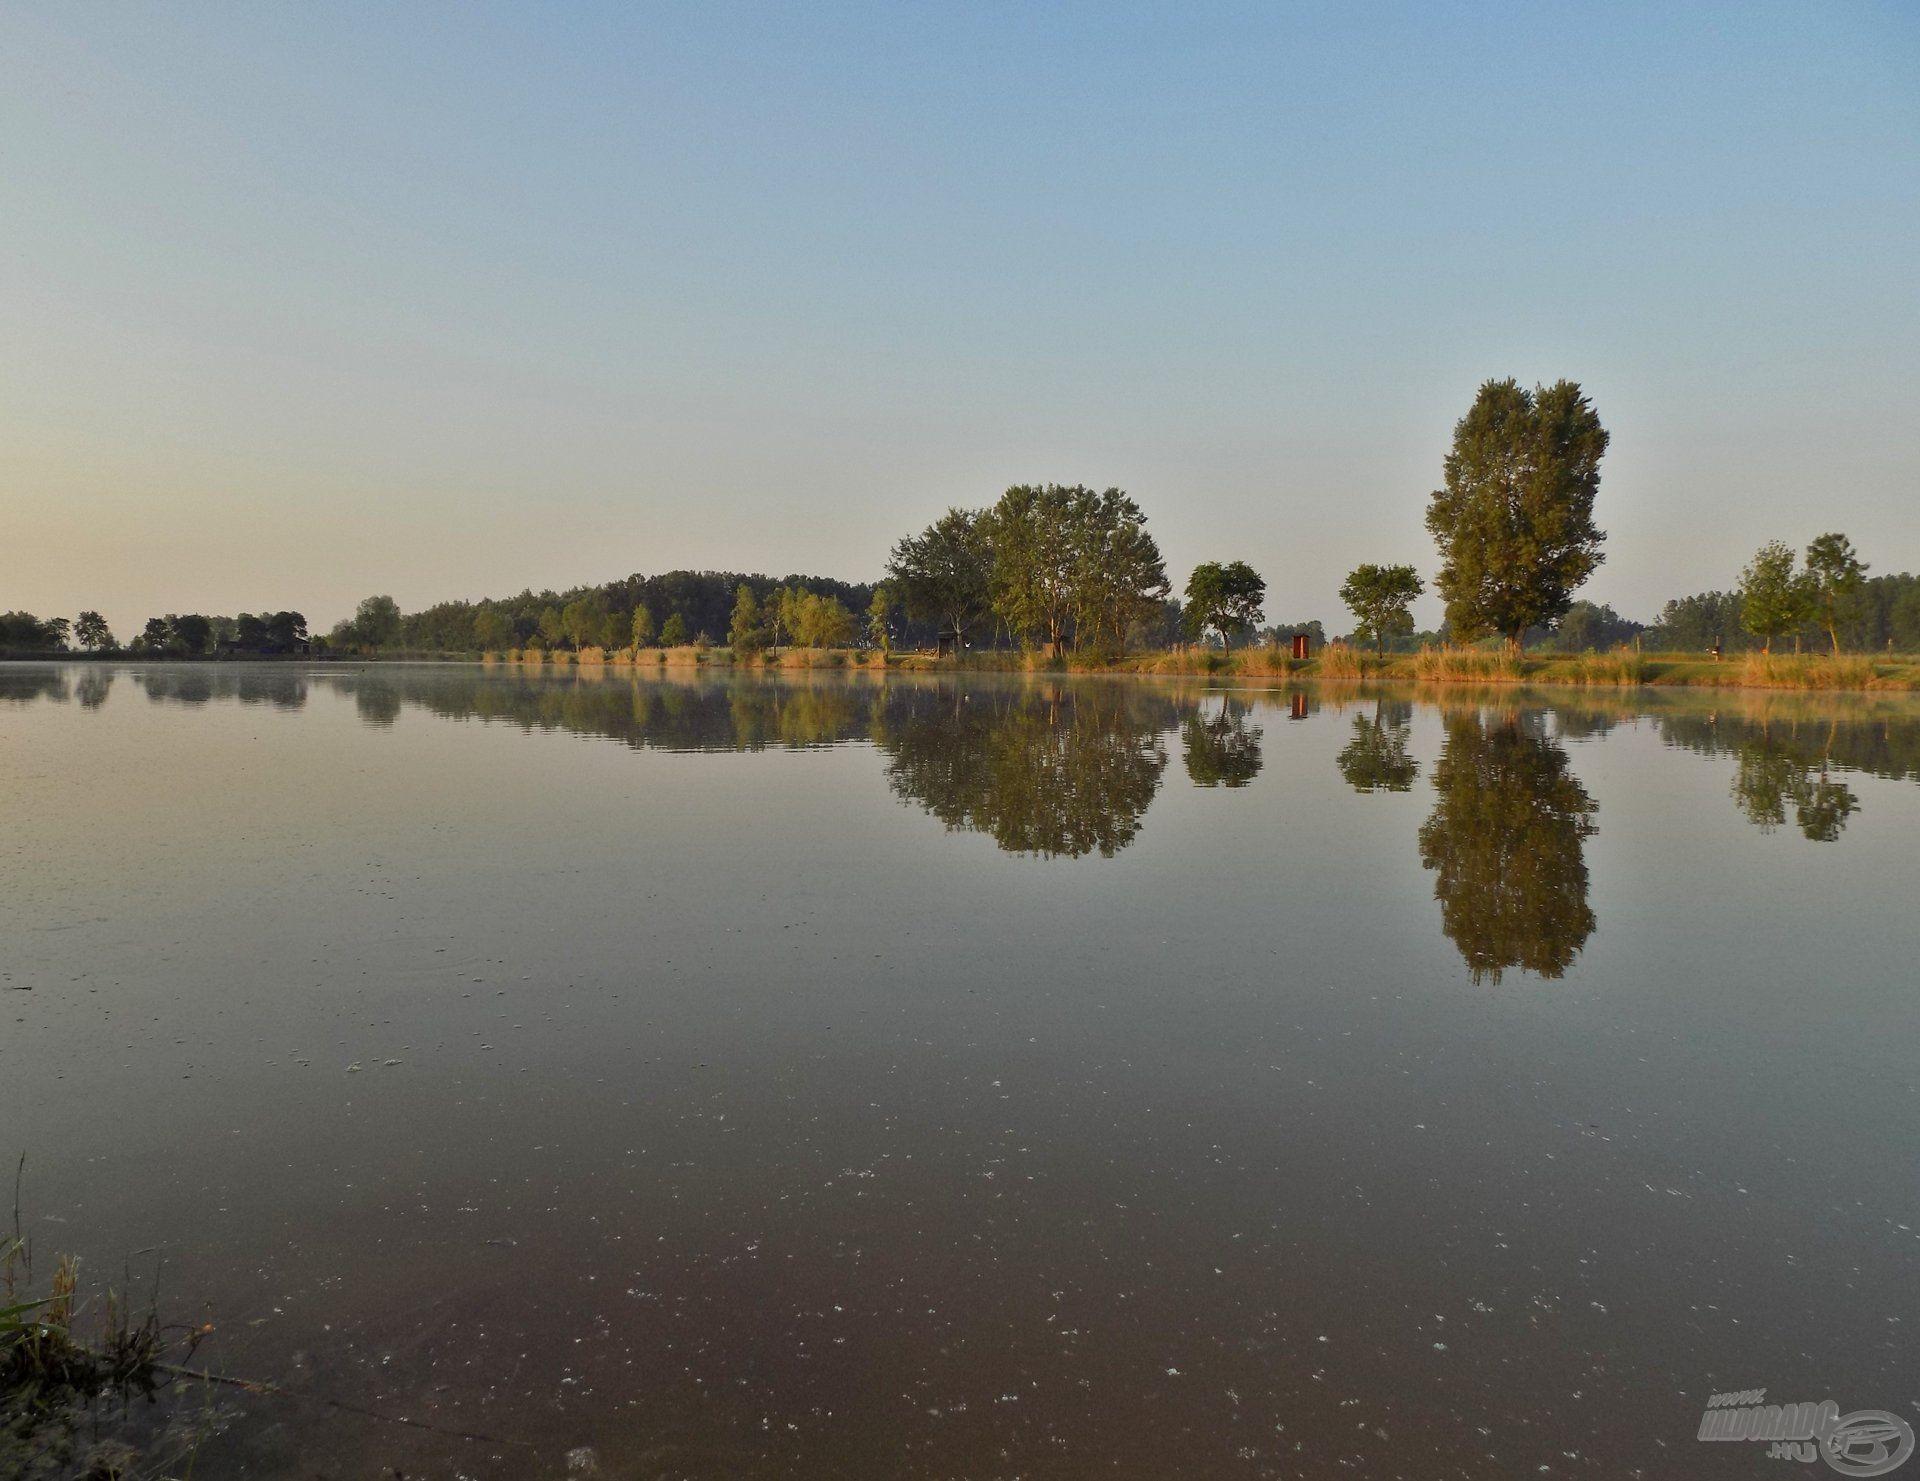 Remekül halasított tóról van szó, ahol távol a város zajától kikapcsolódhatunk. A barátságos fogadtatás, és vendégszeretet mellett…